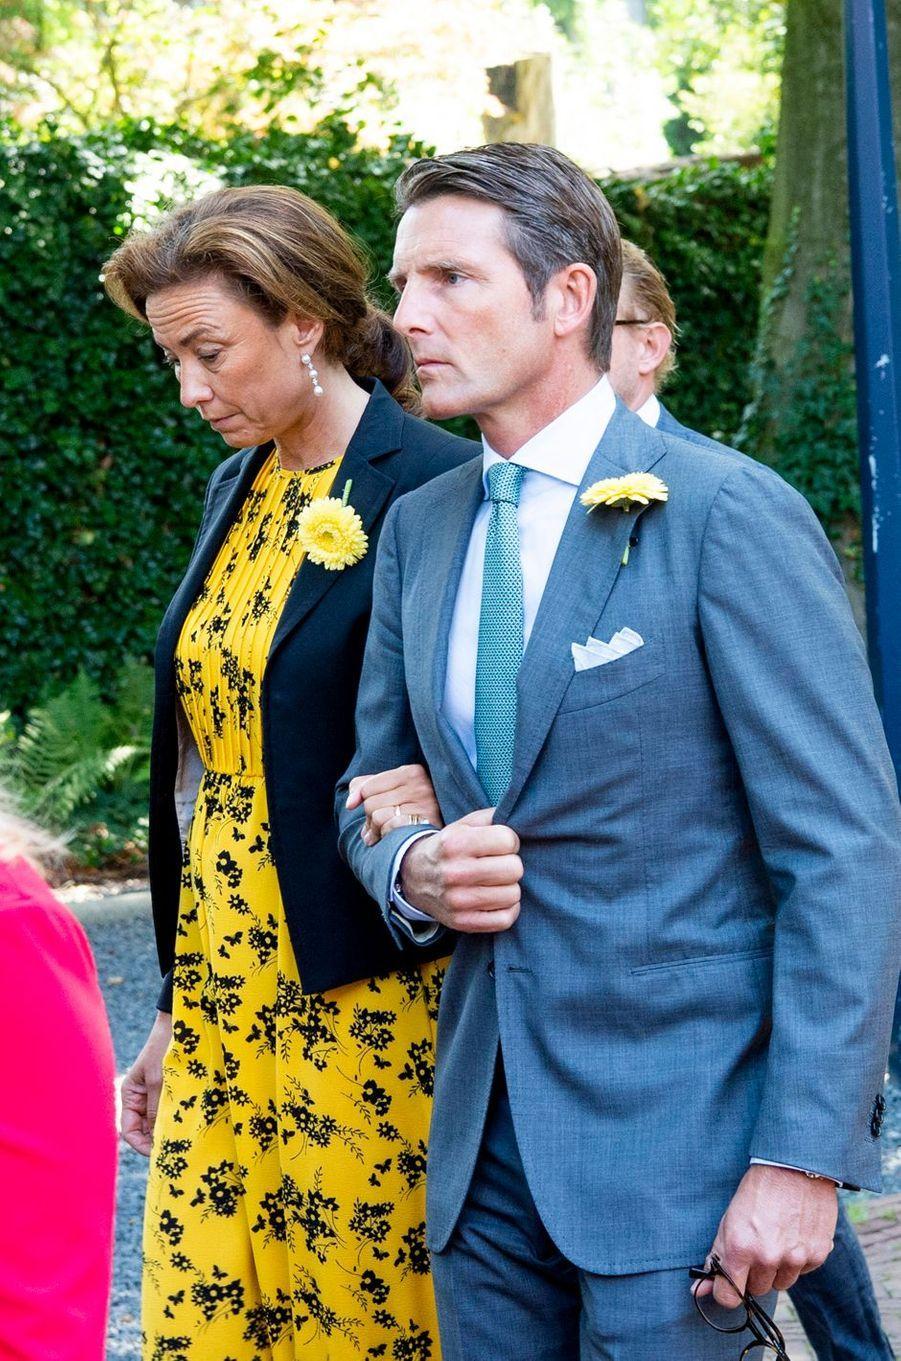 L'un des neveux de la princesse Christina des Pays-Bas et sa femme lors de ses funérailles à La Haye, le 22 juin 2019